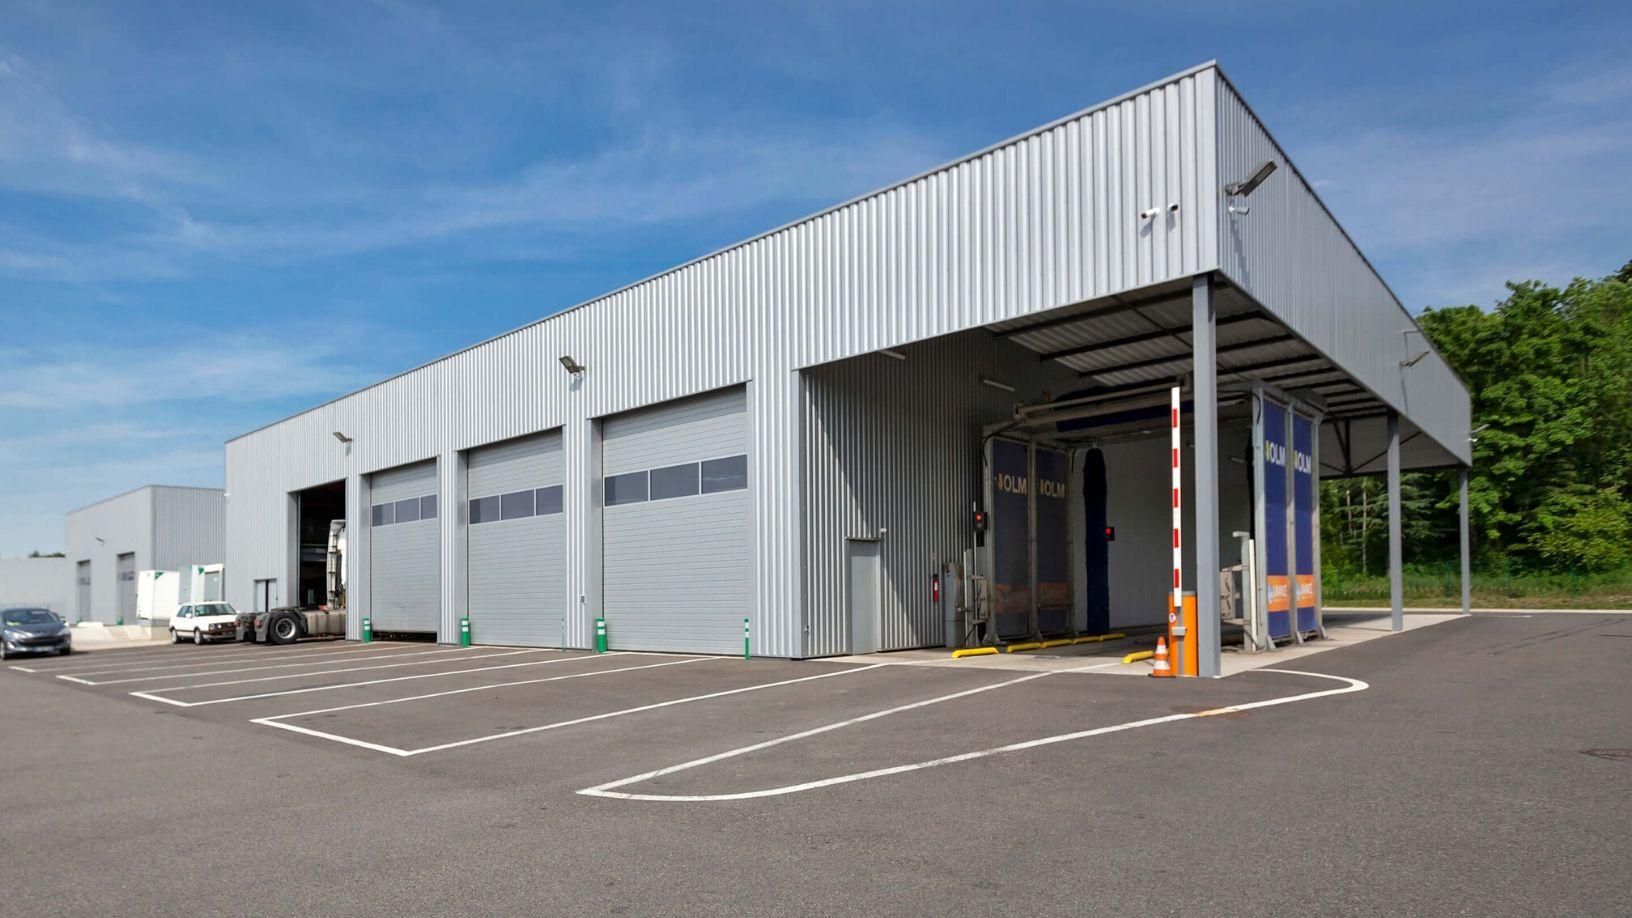 Sogranlotrans atelier garage reparation pneumatique mecanique carrosserie camion